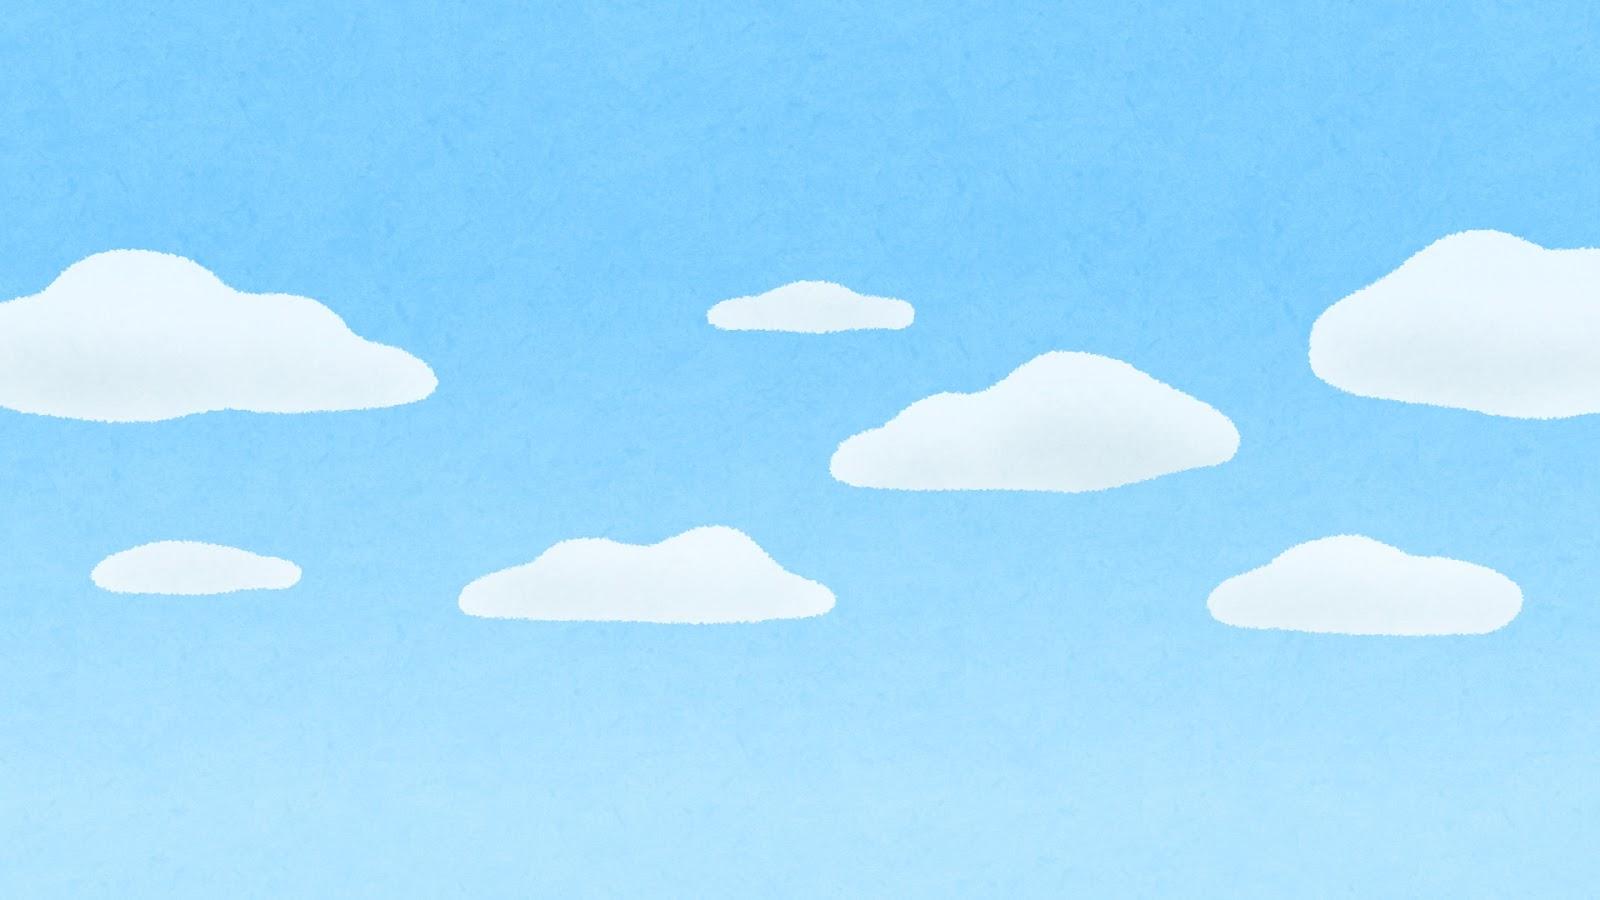 雲が浮かぶ青空のイラスト(背景素材) | かわいいフリー素材集 いらすとや